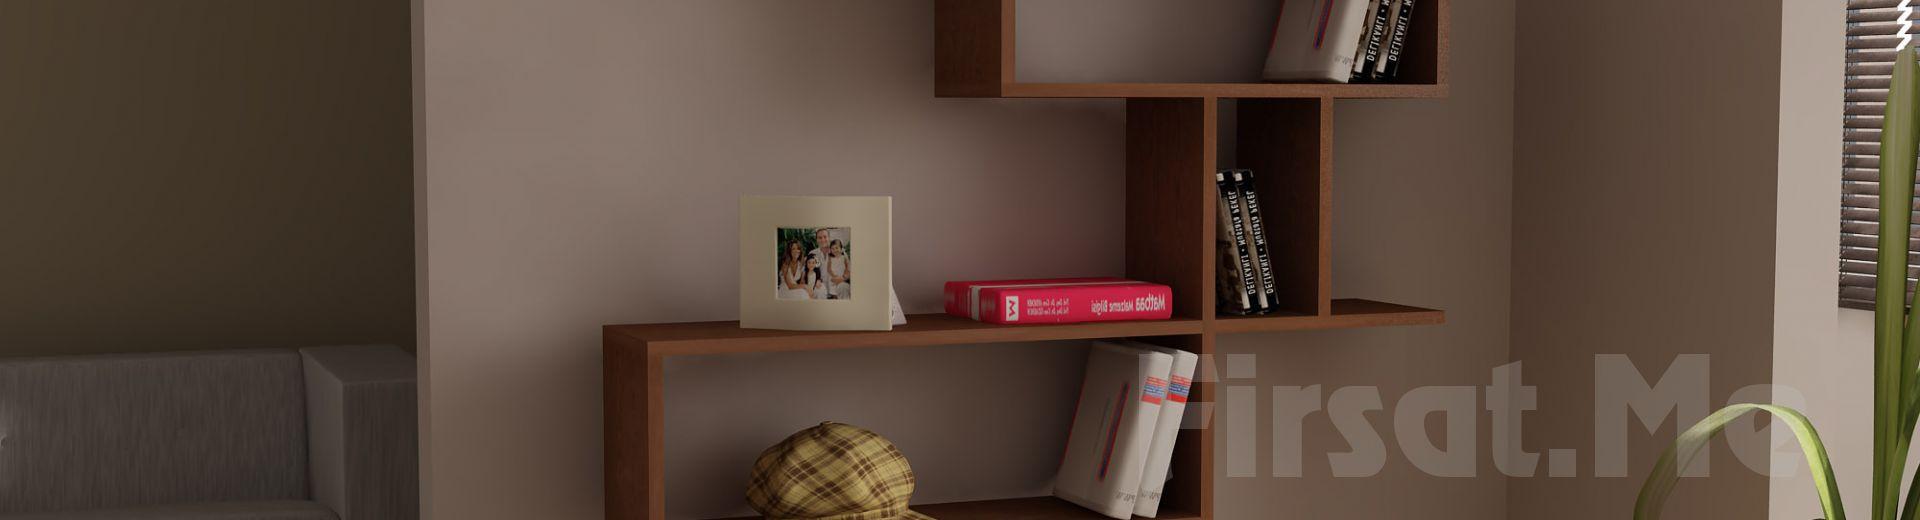 Dekorister Modüler Mobilya'dan, 5 Ayrı Renkte 'Dekorister Montera Kitaplık' Fırsatı